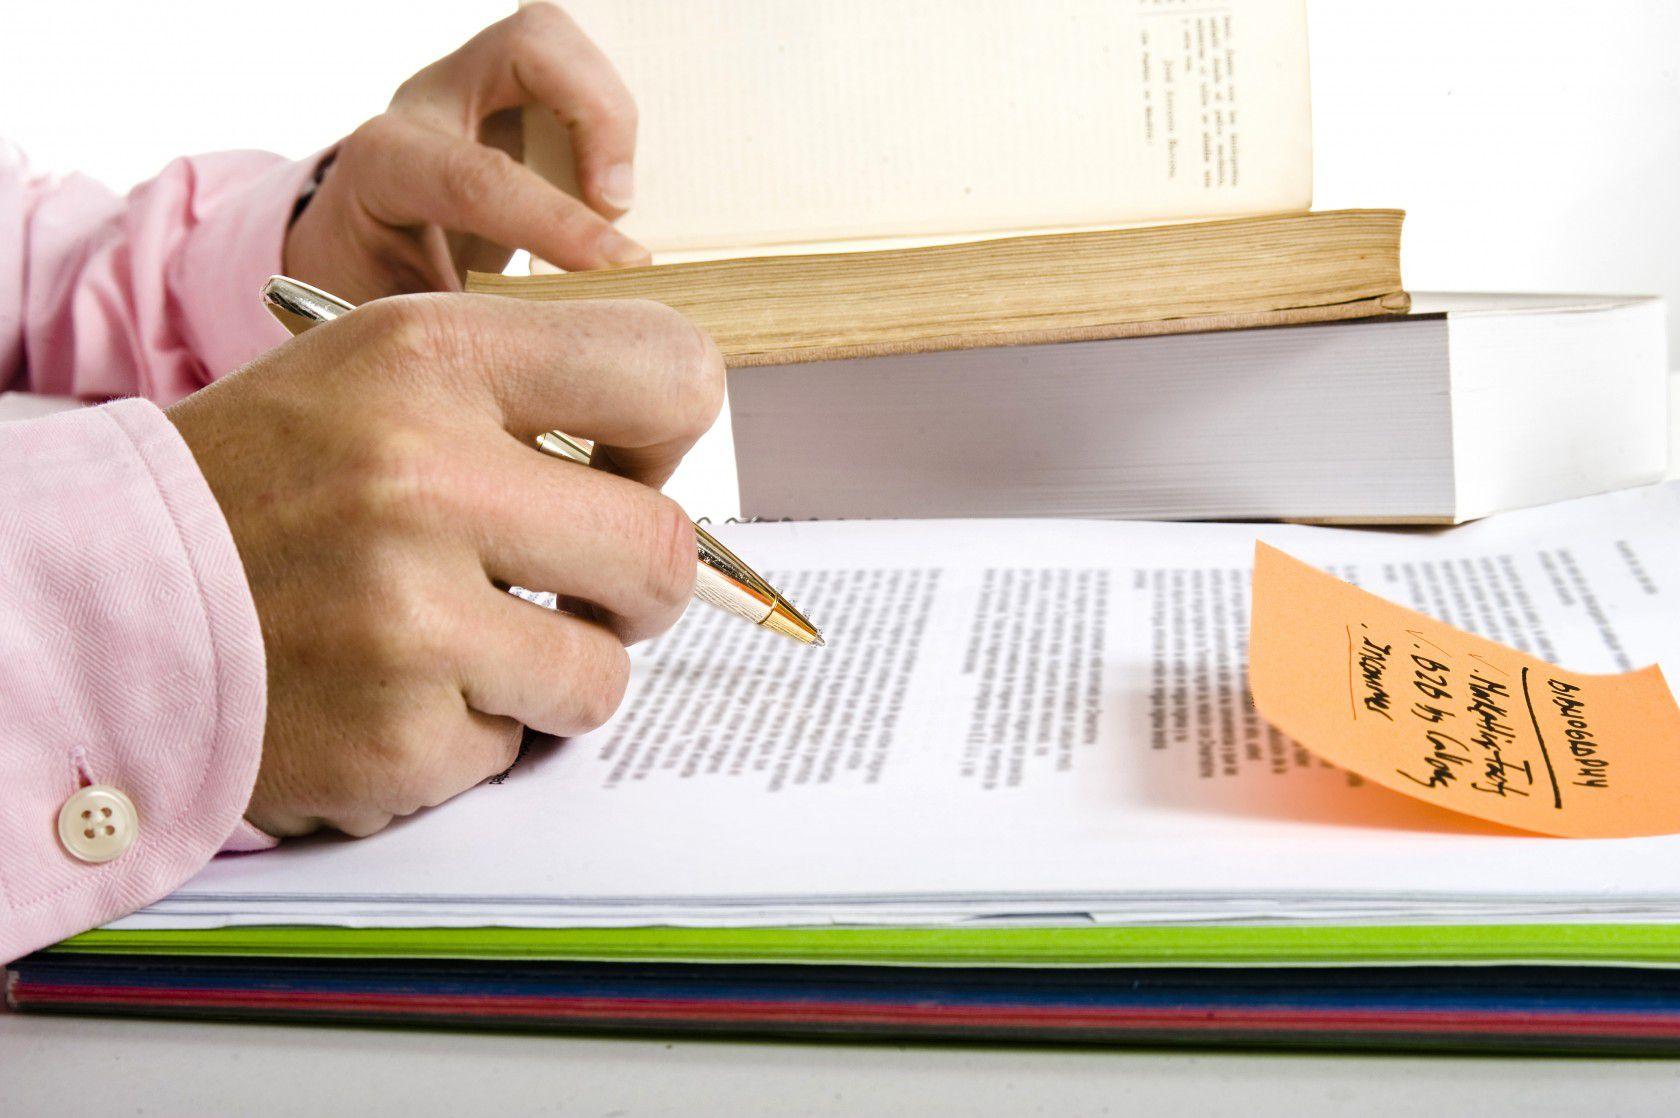 En iyi SSAT hazırlık kitapları hangileridir? Ücretleri nedir?